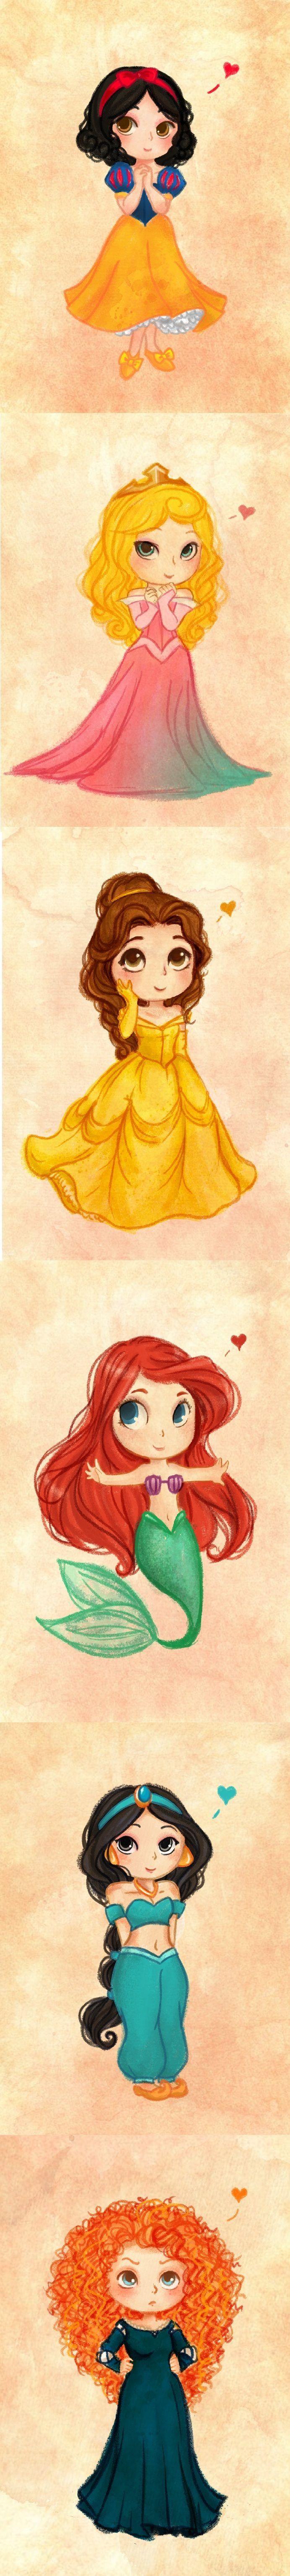 Easy cartoon drawings of Disney characters